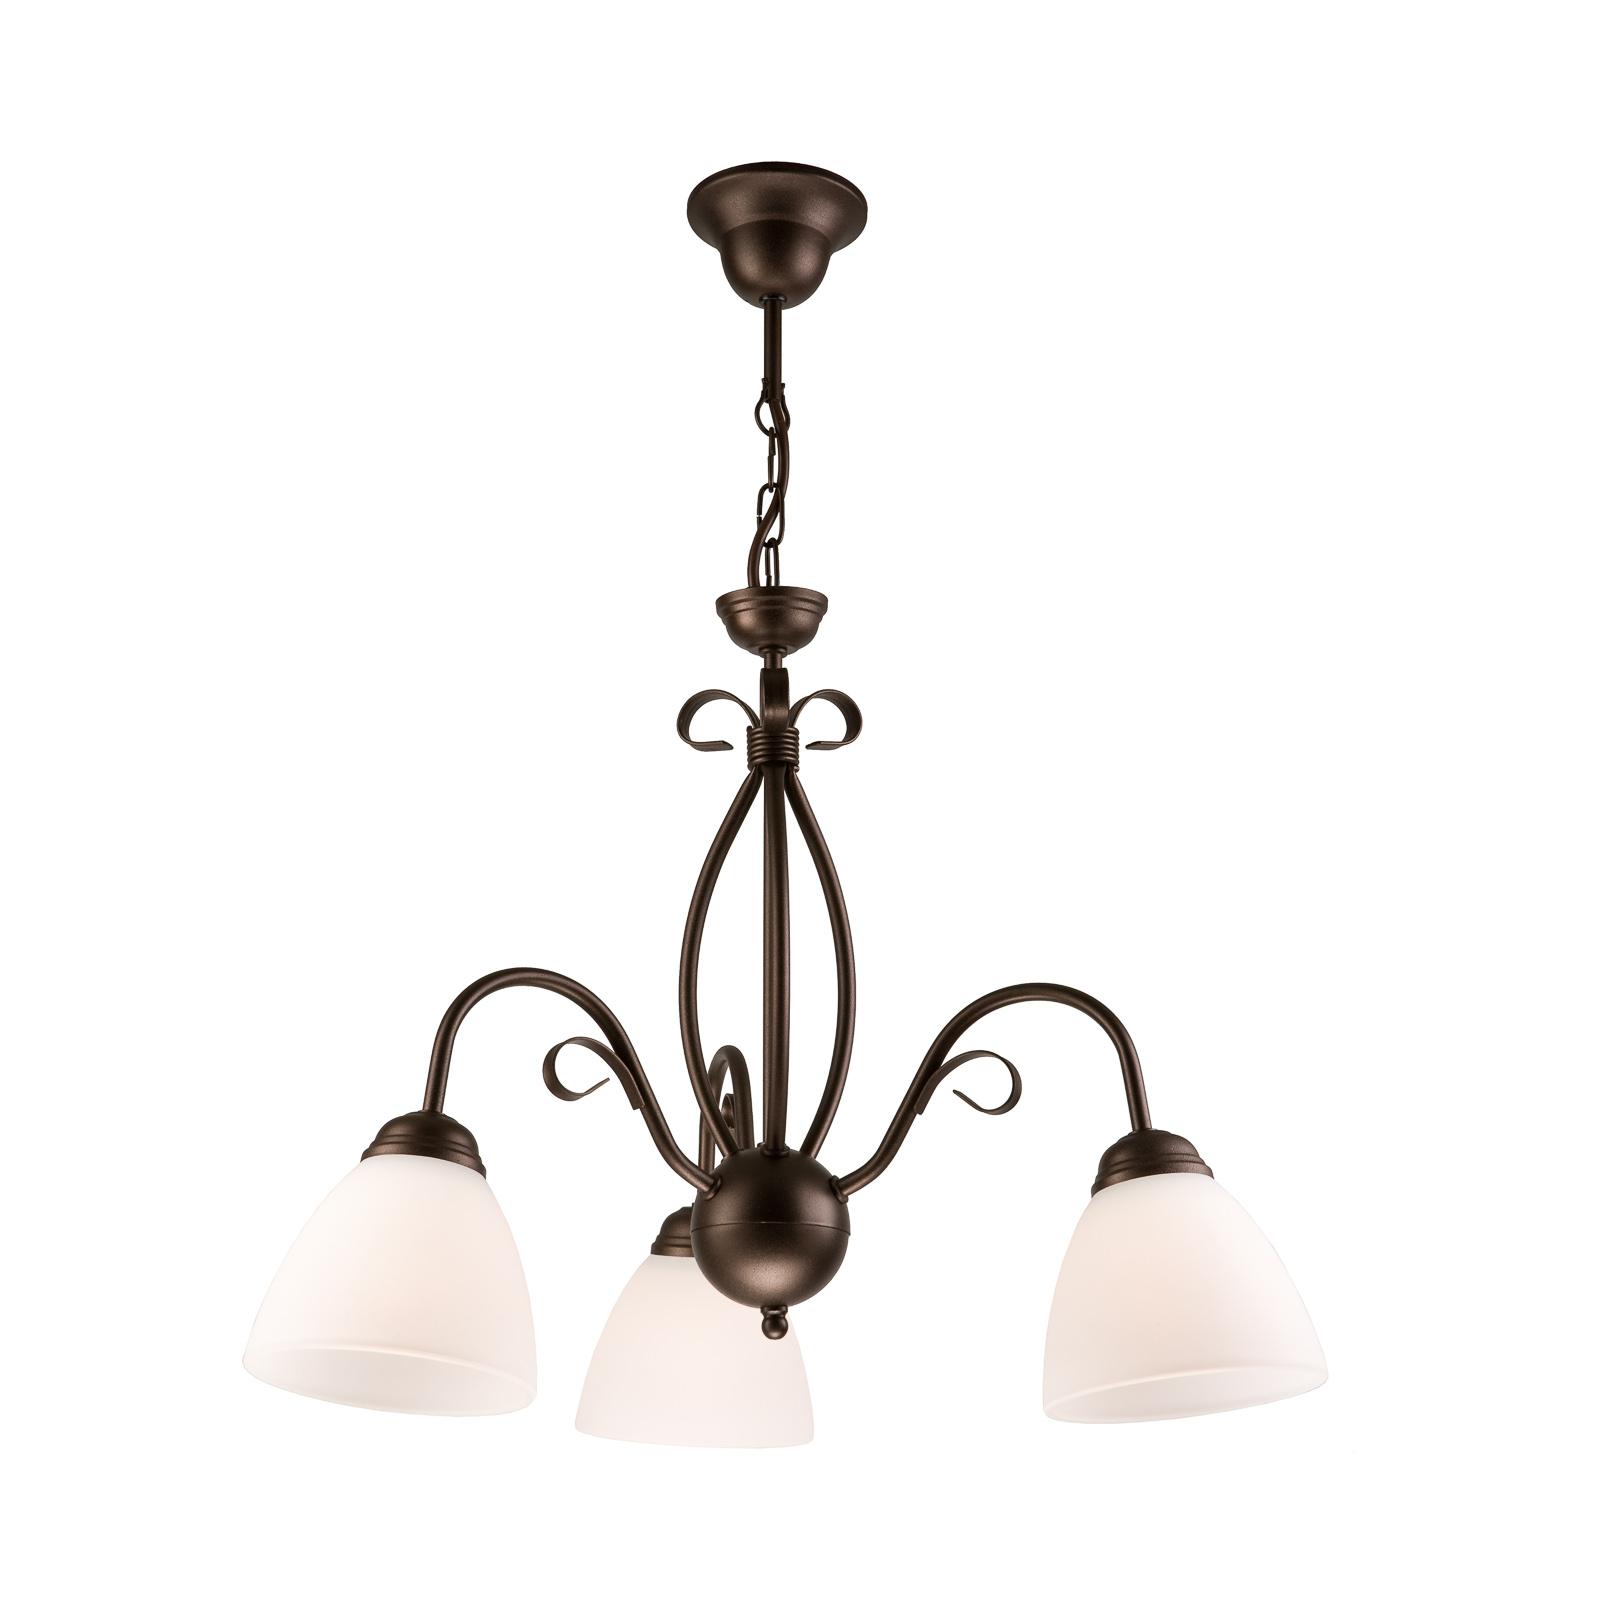 Adoro hængelampe, 3 lyskilder, brun